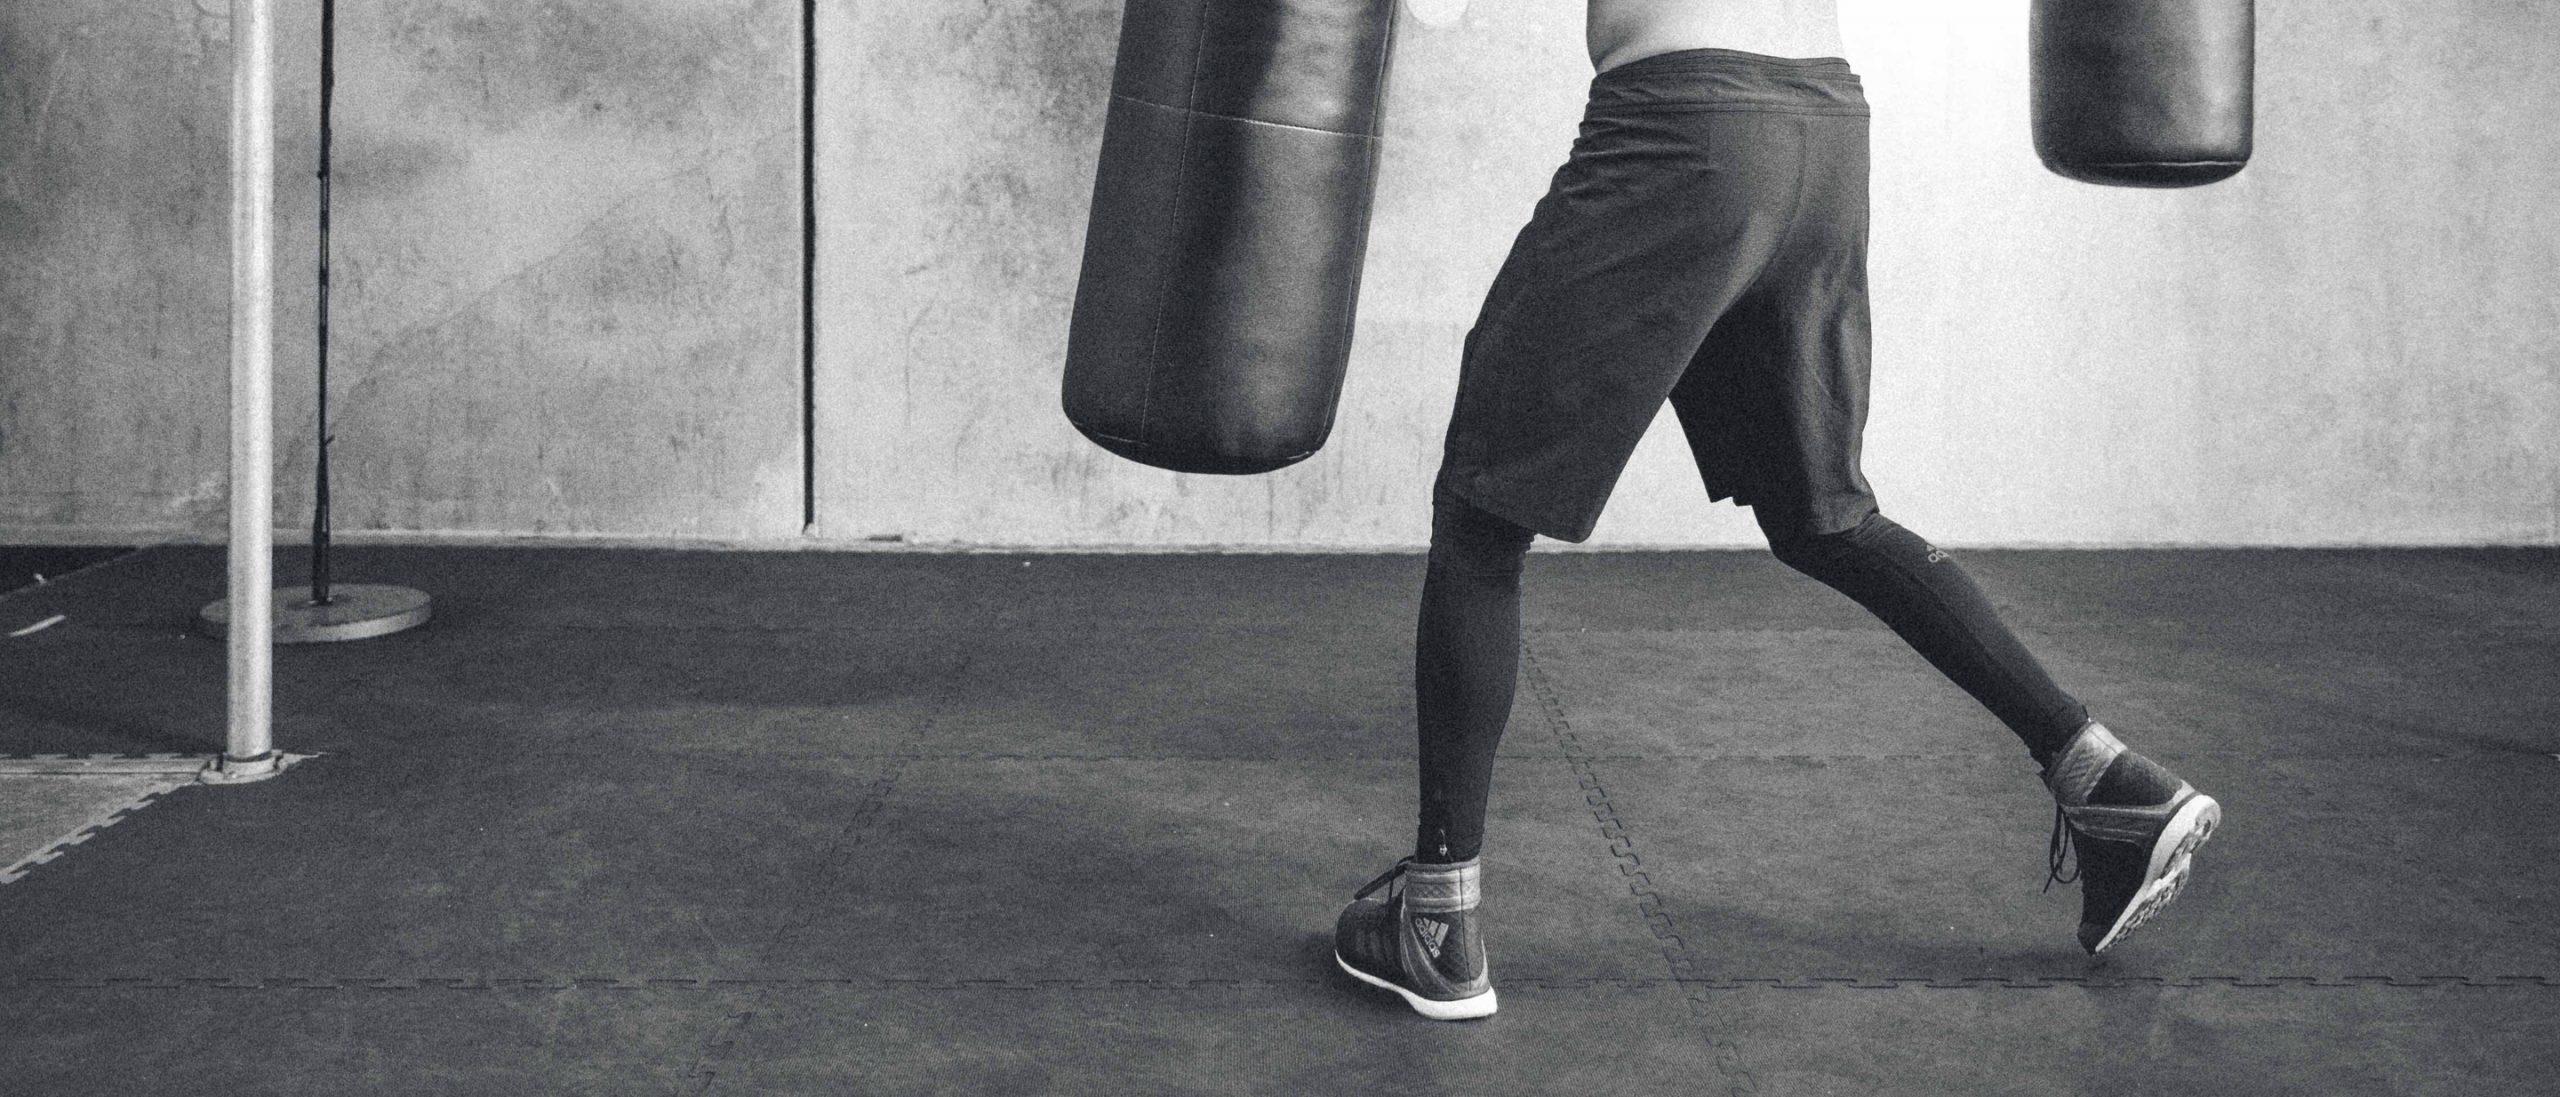 pascher-heinz-adidas-boxing-visual-01-1